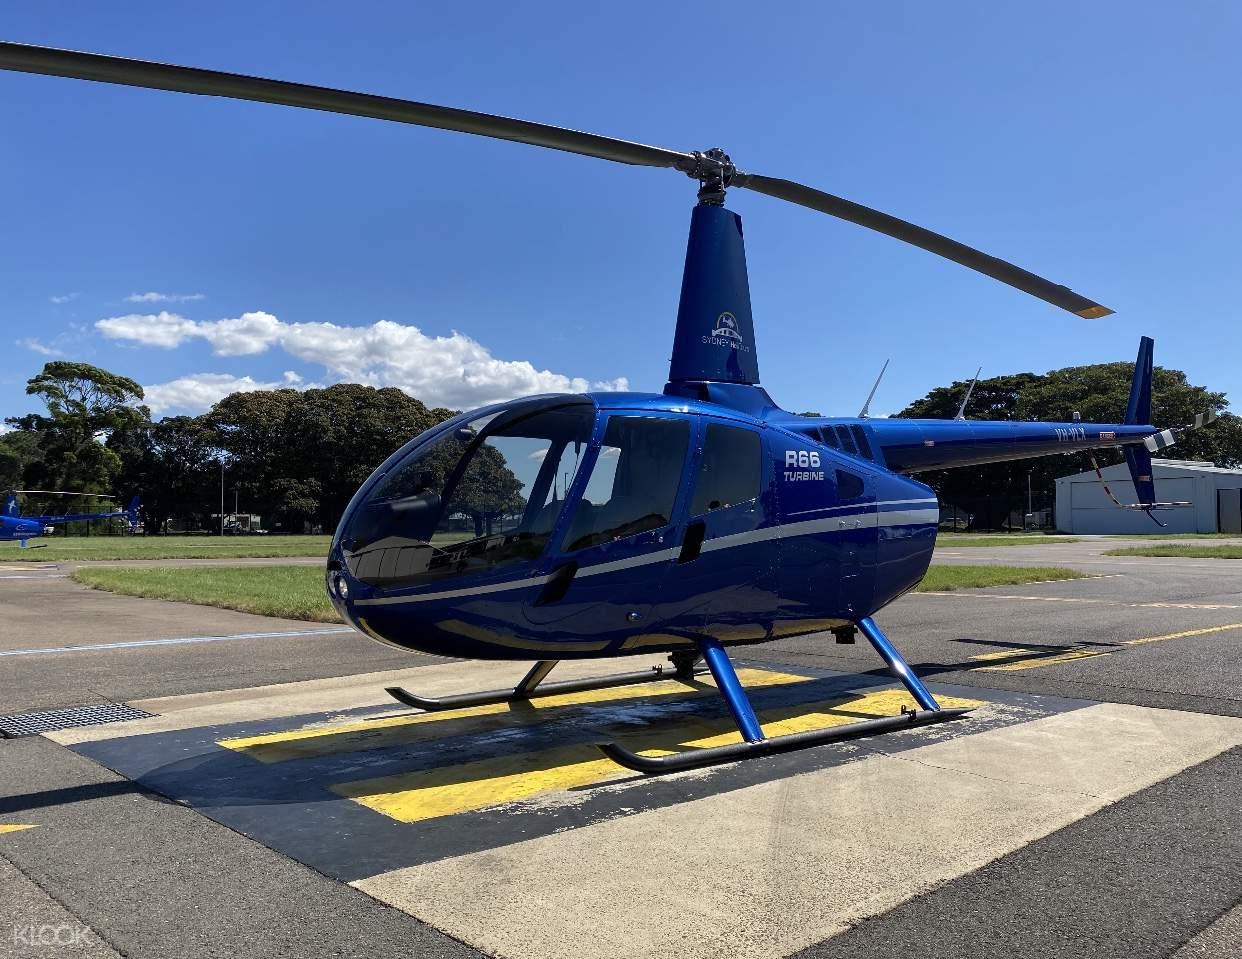 雪梨港直升機飛行